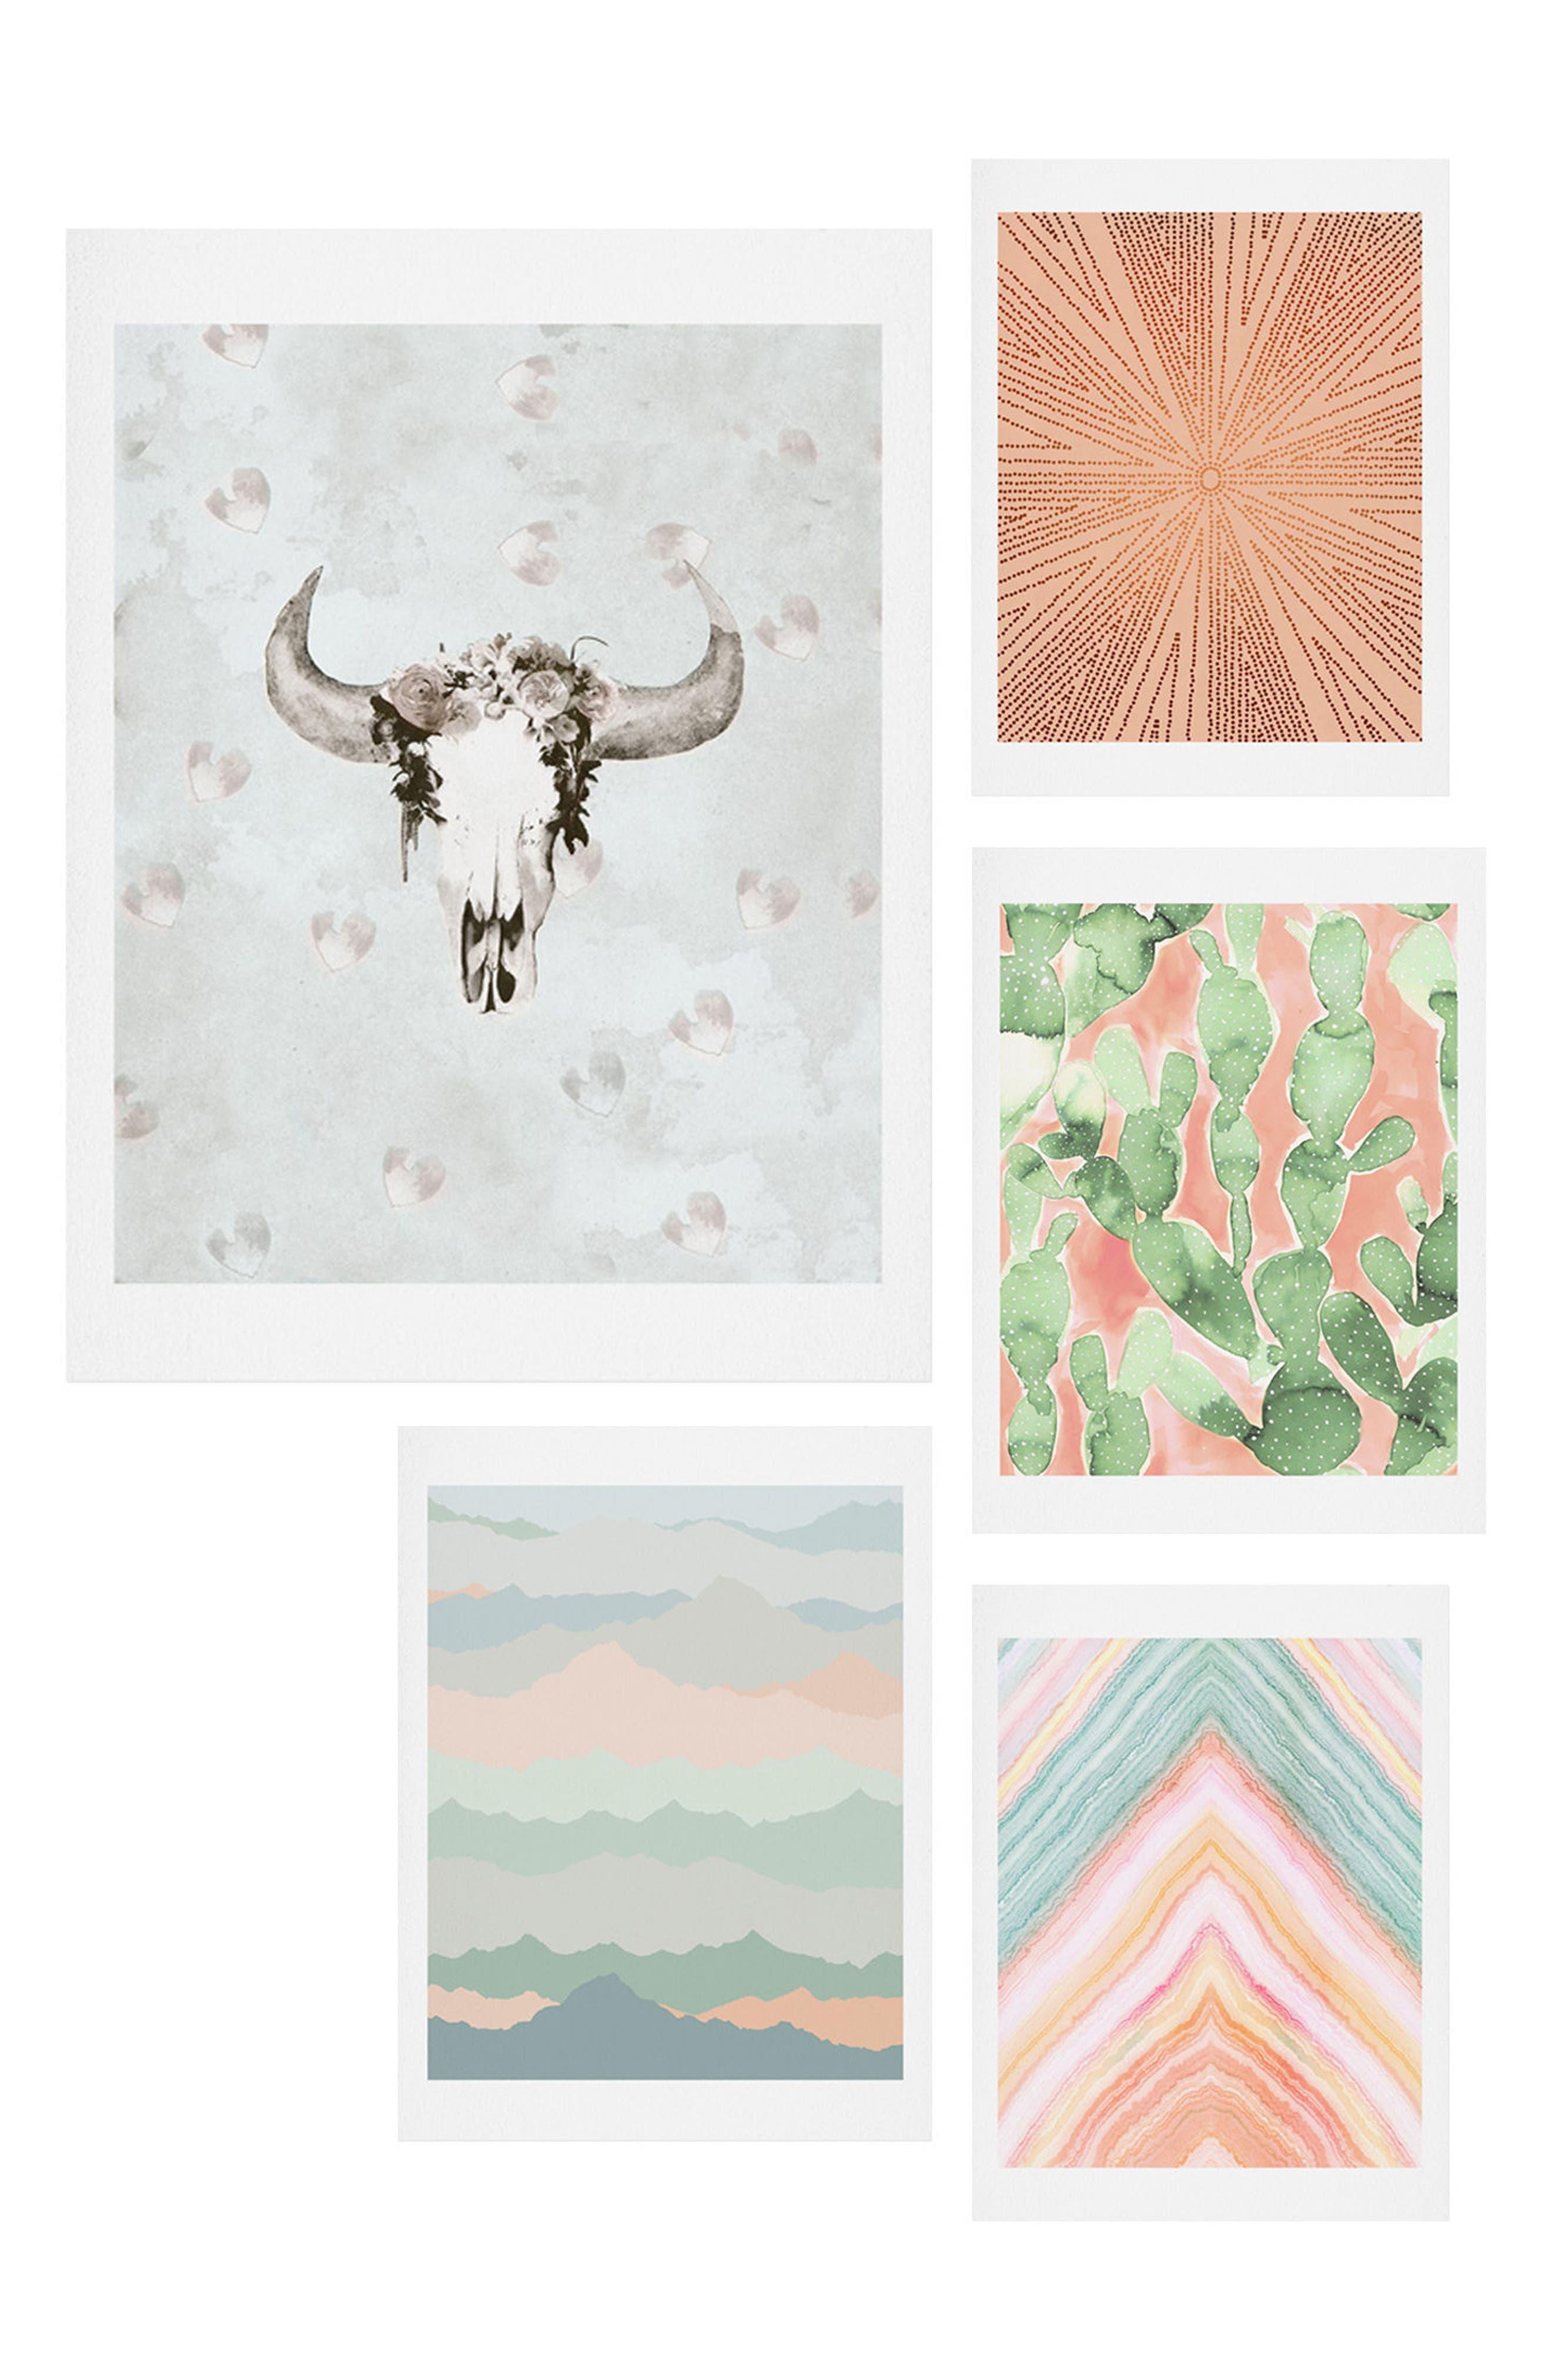 Deny Designs Desert Matcha Five-Piece Gallery Wall Art Print Set